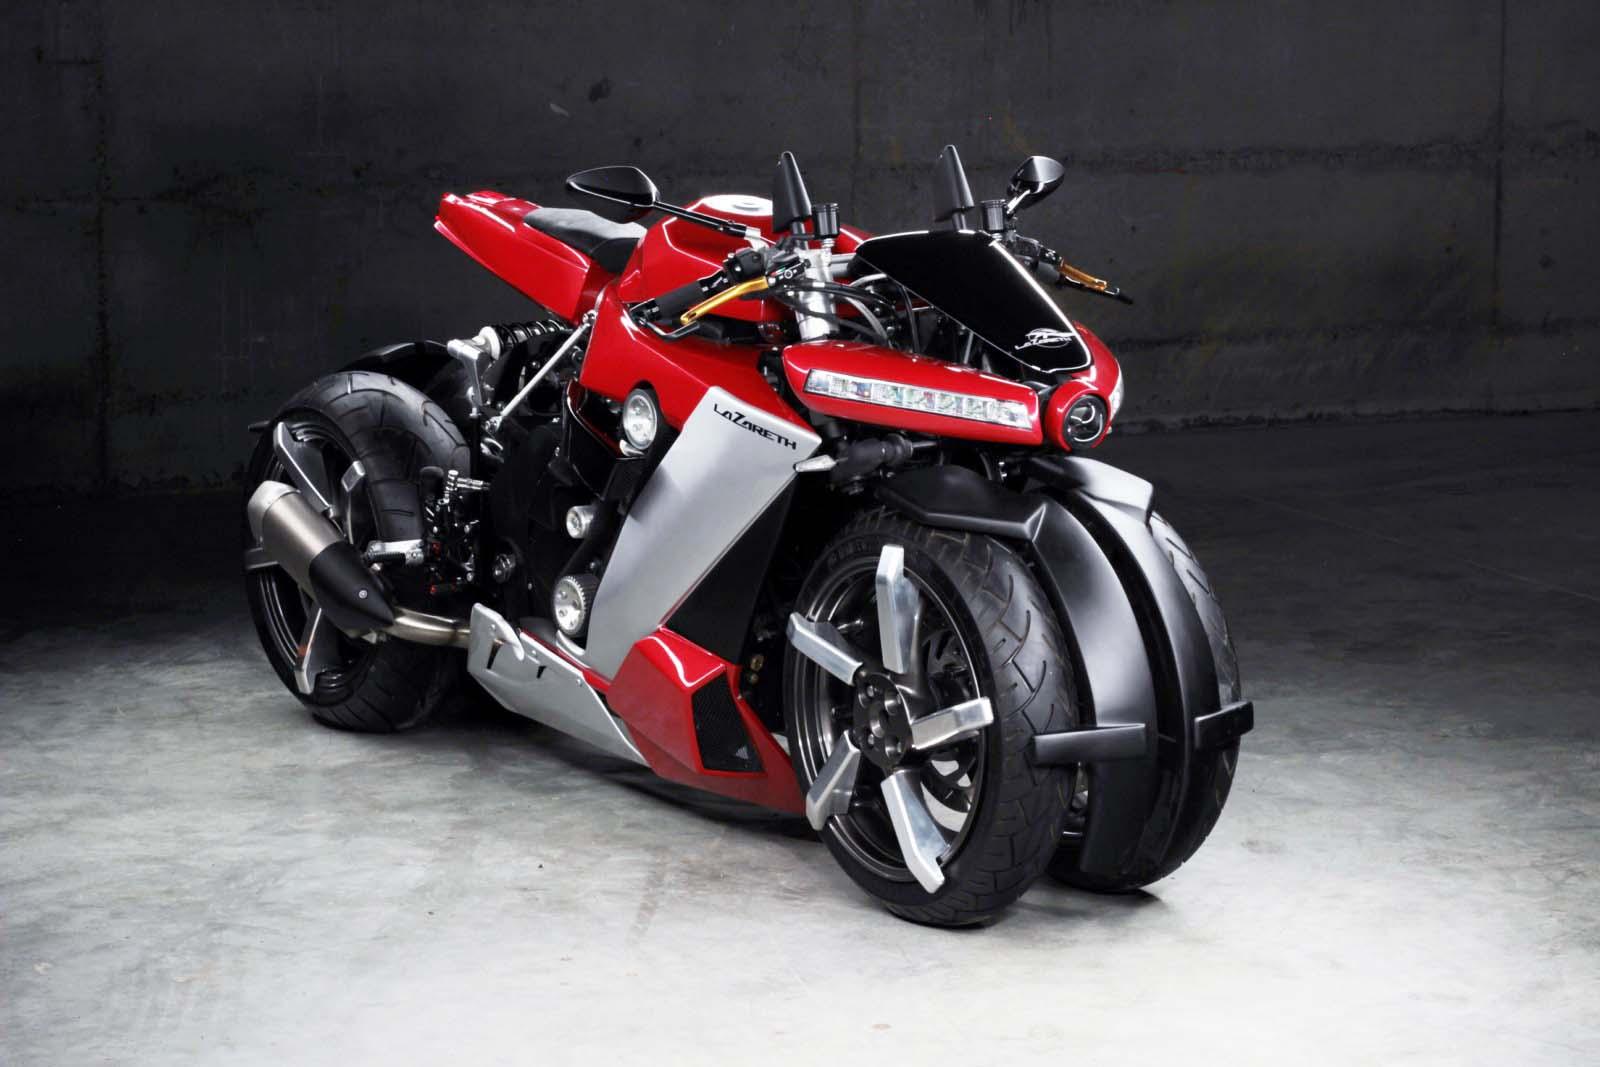 Представили 4-колесный мотоцикл Lazareth LM 410